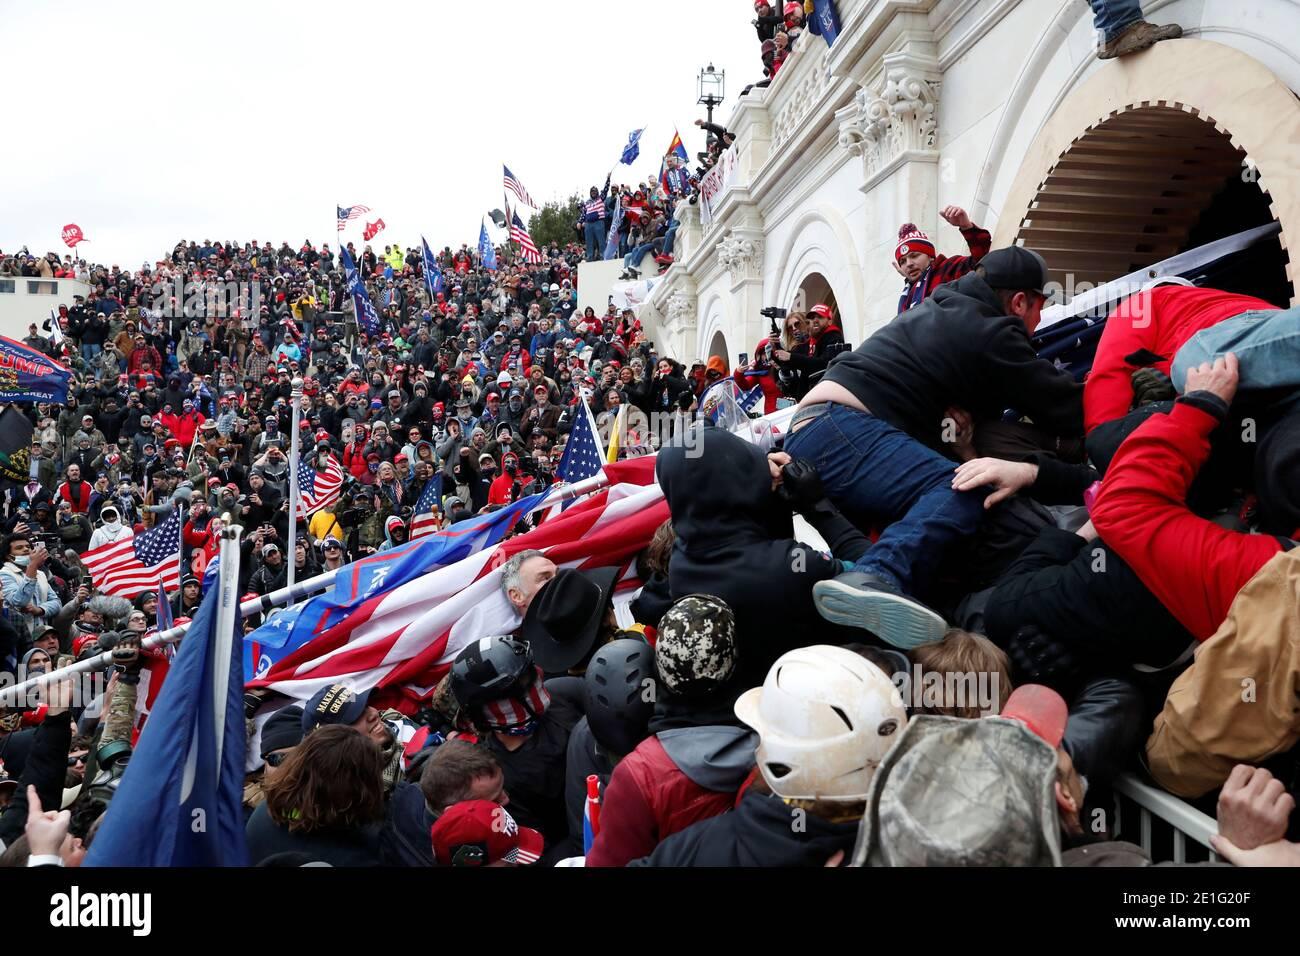 Pro-Trump-Demonstranten stürmen während Zusammenstößen mit der Polizei in das US-Kapitol, während einer Kundgebung, um die Zertifizierung der US-Präsidentschaftswahlen 2020 durch den US-Kongress in Washington, USA, 6. Januar 2021 anzufechten. REUTERS/Shannon Stapleton Stockfoto